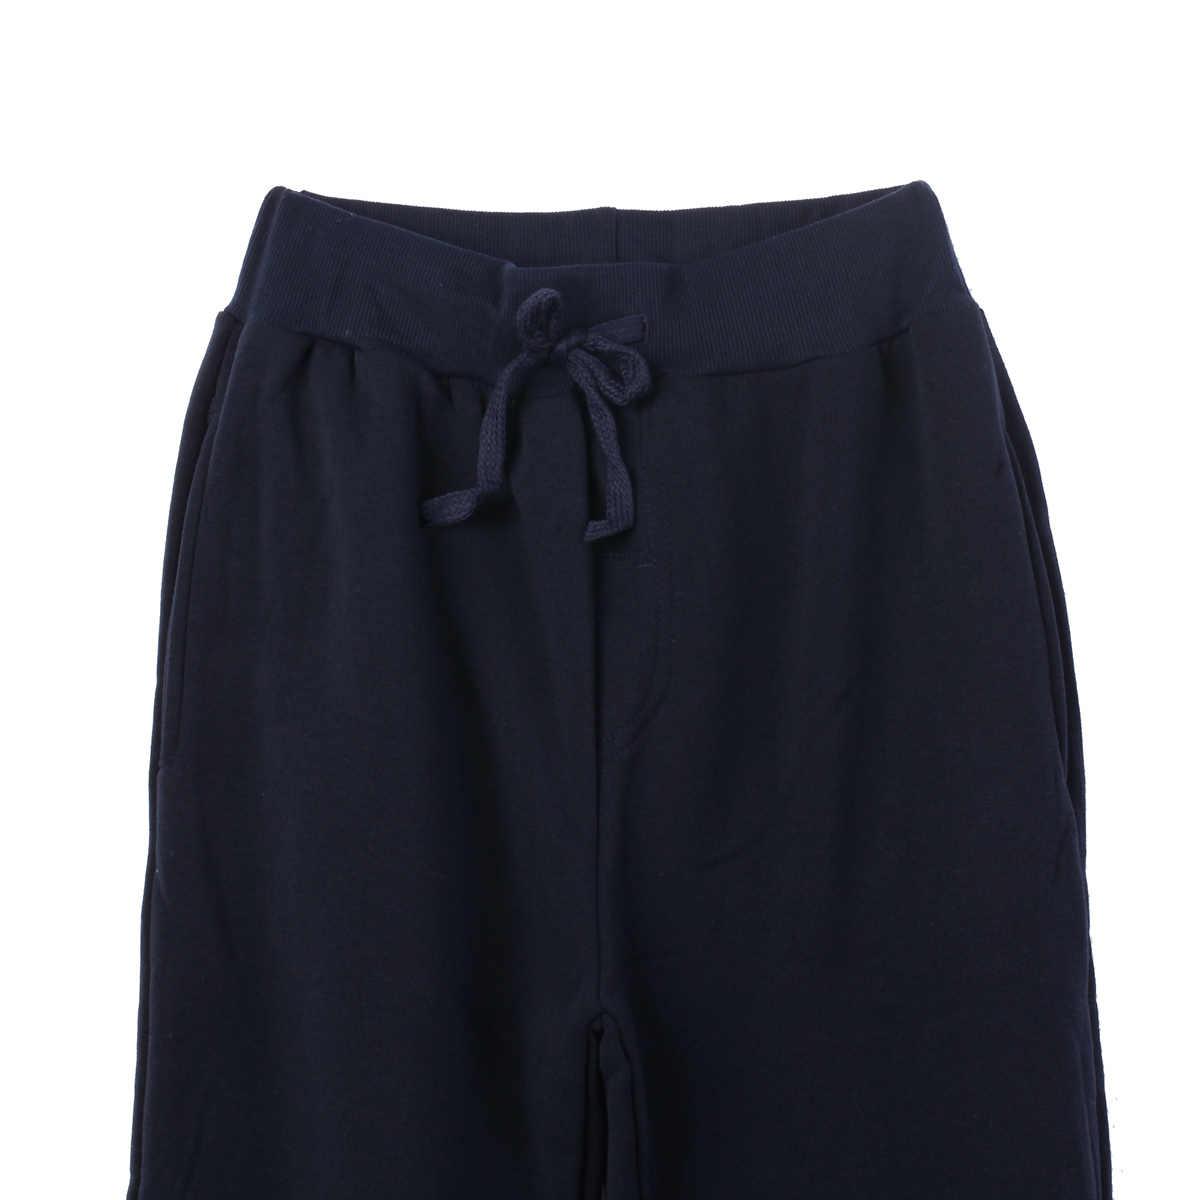 Thefound Joggers 2018 ยี่ห้อกางเกงกางเกง Sweatpants Jogger สีดำสบายๆผ้าฝ้ายยืดกางเกงออกกำลังกาย